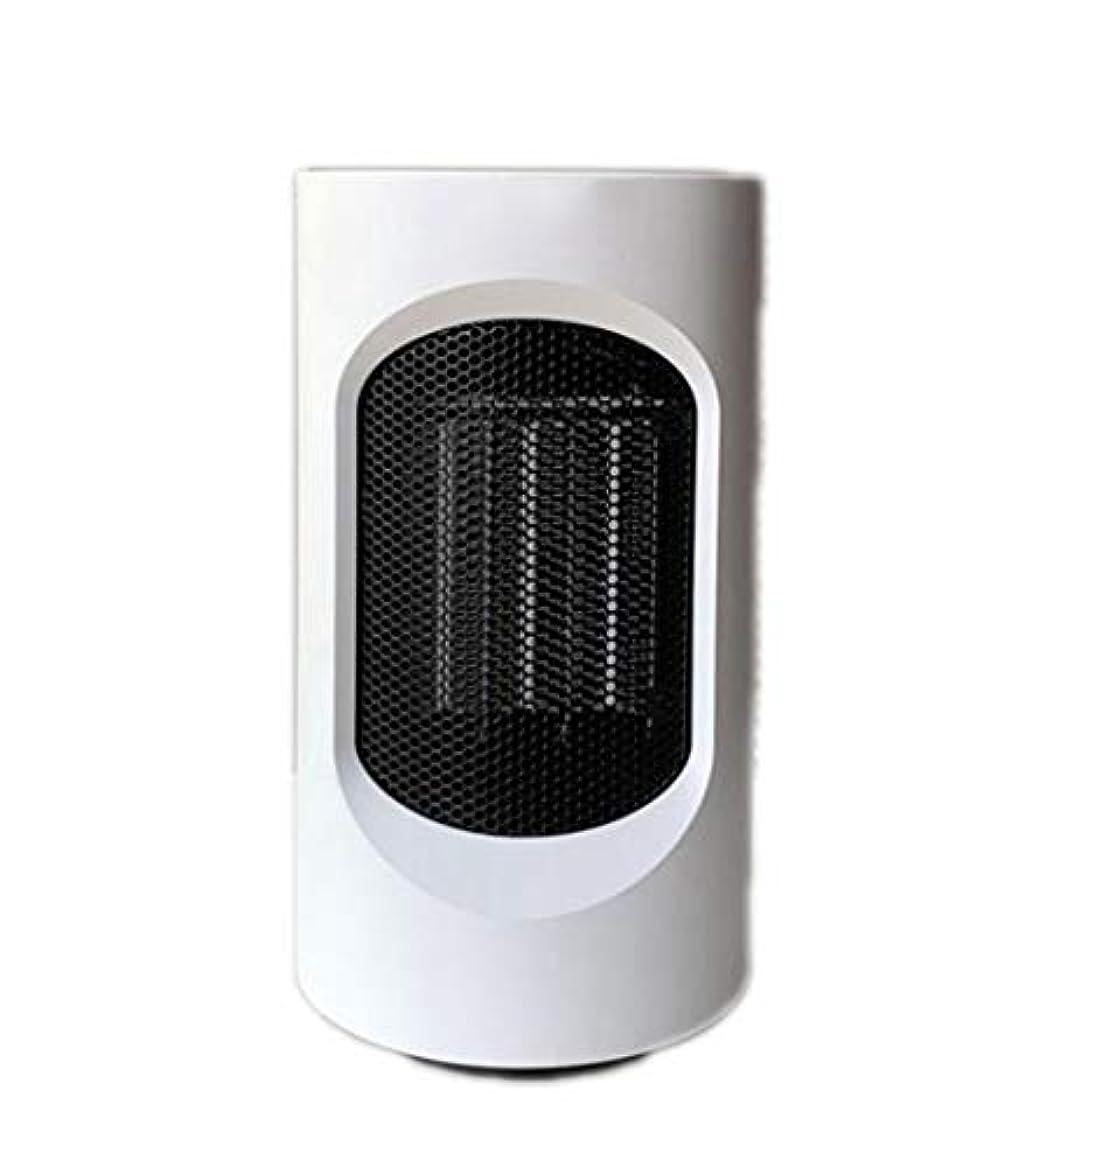 アルカイック段階創始者携帯用電気ヒーターホームオフィスのデスクトップヒーターミニ熱風送風機600W 2つのギア/過熱保護を調整することができます (Color : White)